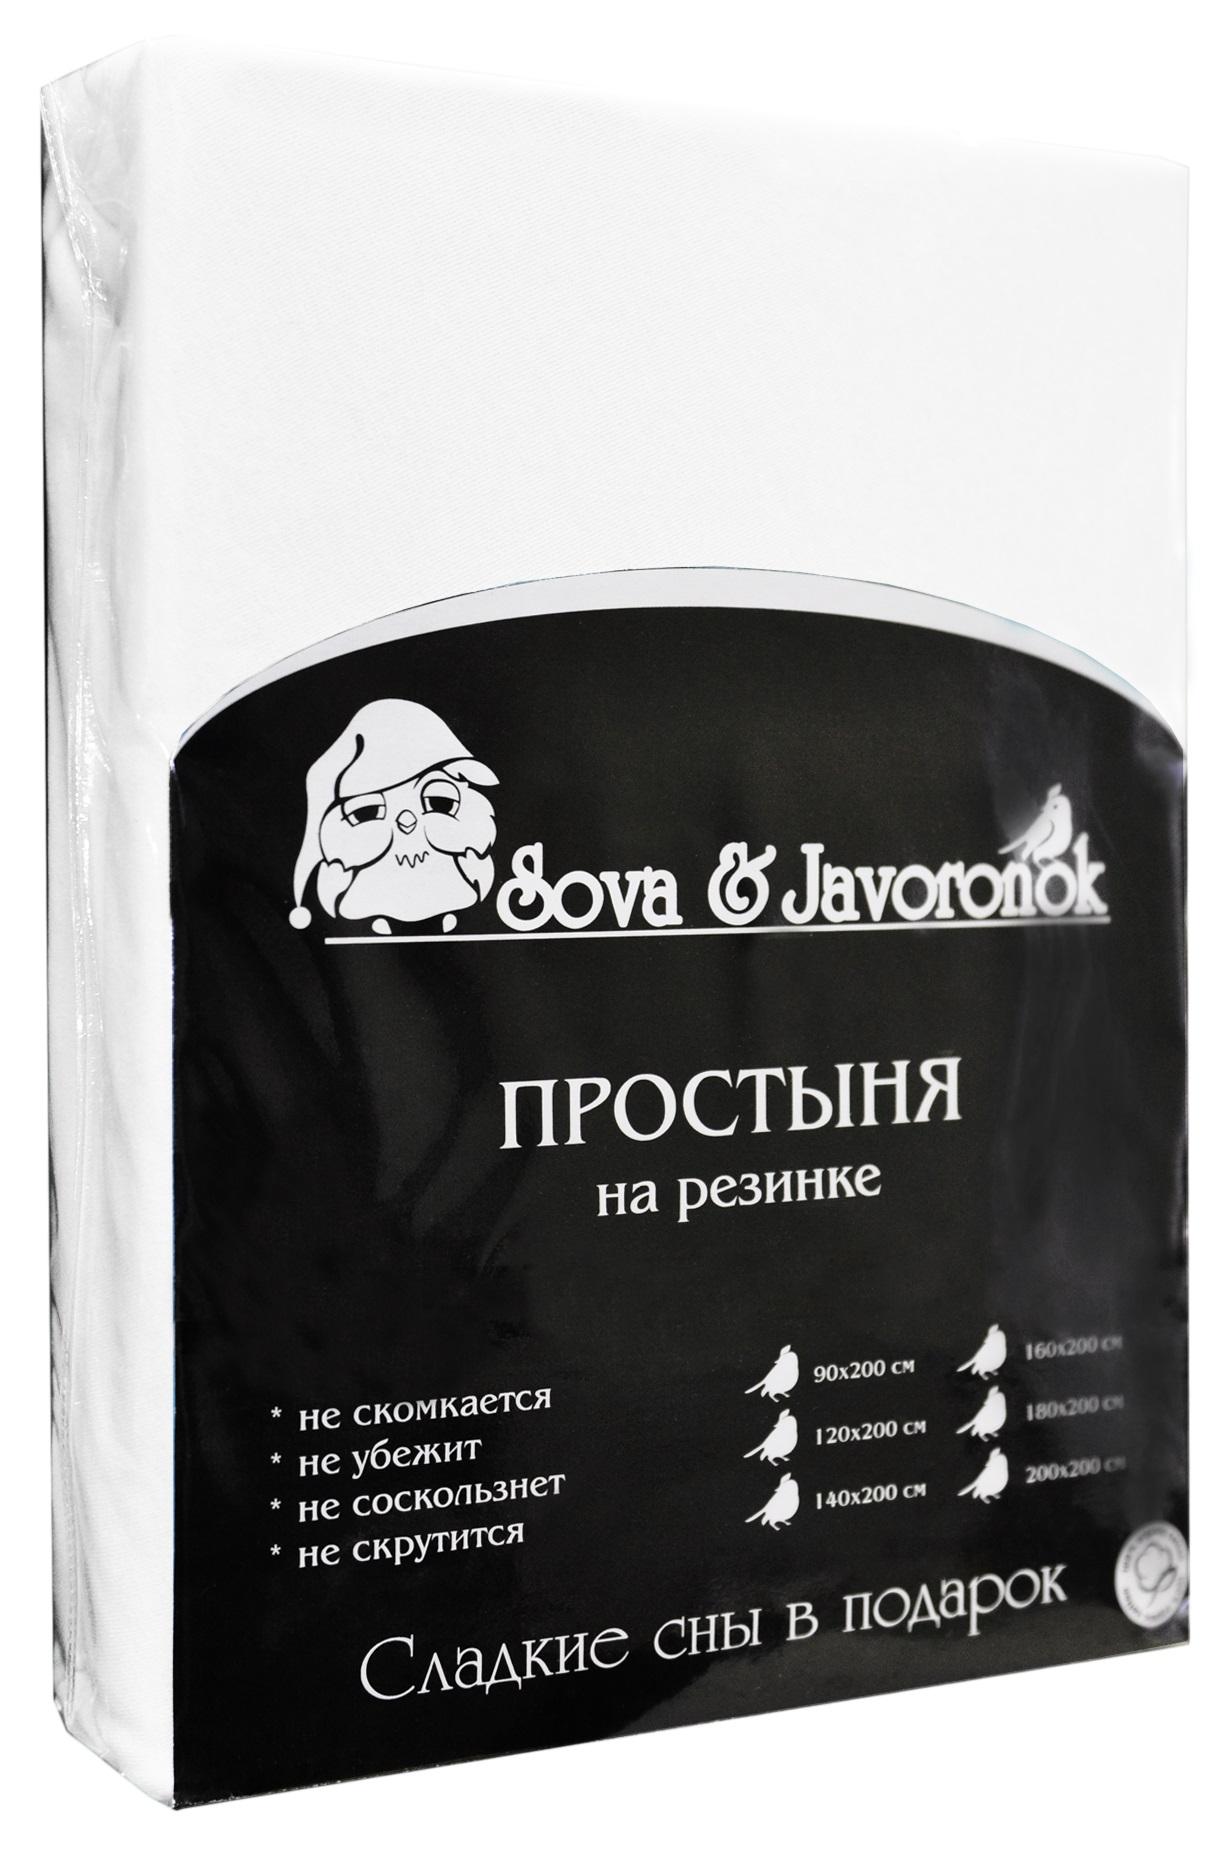 Простыня на резинке Sova & Javoronok, цвет: белый, 90 х 200 смCLP446Простыня на резинке Sova & Javoronok, изготовленная из трикотажной ткани (100% хлопок), будет превосходно смотреться с любыми комплектами белья. Хлопчатобумажный трикотаж по праву считается одним из самых качественных, прочных и при этом приятных на ощупь. Его гигиеничность позволяет использовать простыню и в детских комнатах, к тому же 100%-ый хлопок в составе ткани не вызовет аллергии. У трикотажного полотна очень интересная структура, немного рыхлая за счет отсутствия плотного переплетения нитей и наличия особых петель, благодаря этому простыня Сова и Жаворонок отлично пропускает воздух и способствует его постоянной циркуляции. Поэтому ваша постель будет всегда оставаться свежей. Но главное и, пожалуй, самое известное свойство трикотажа - это его великолепная растяжимость, поэтому эта ткань и была выбрана для натяжной простыни на резинке.Простыня прошита резинкой по всему периметру, что обеспечивает более комфортный отдых, так как она прочно удерживается на матрасе и избавляет от необходимости часто поправлять простыню.